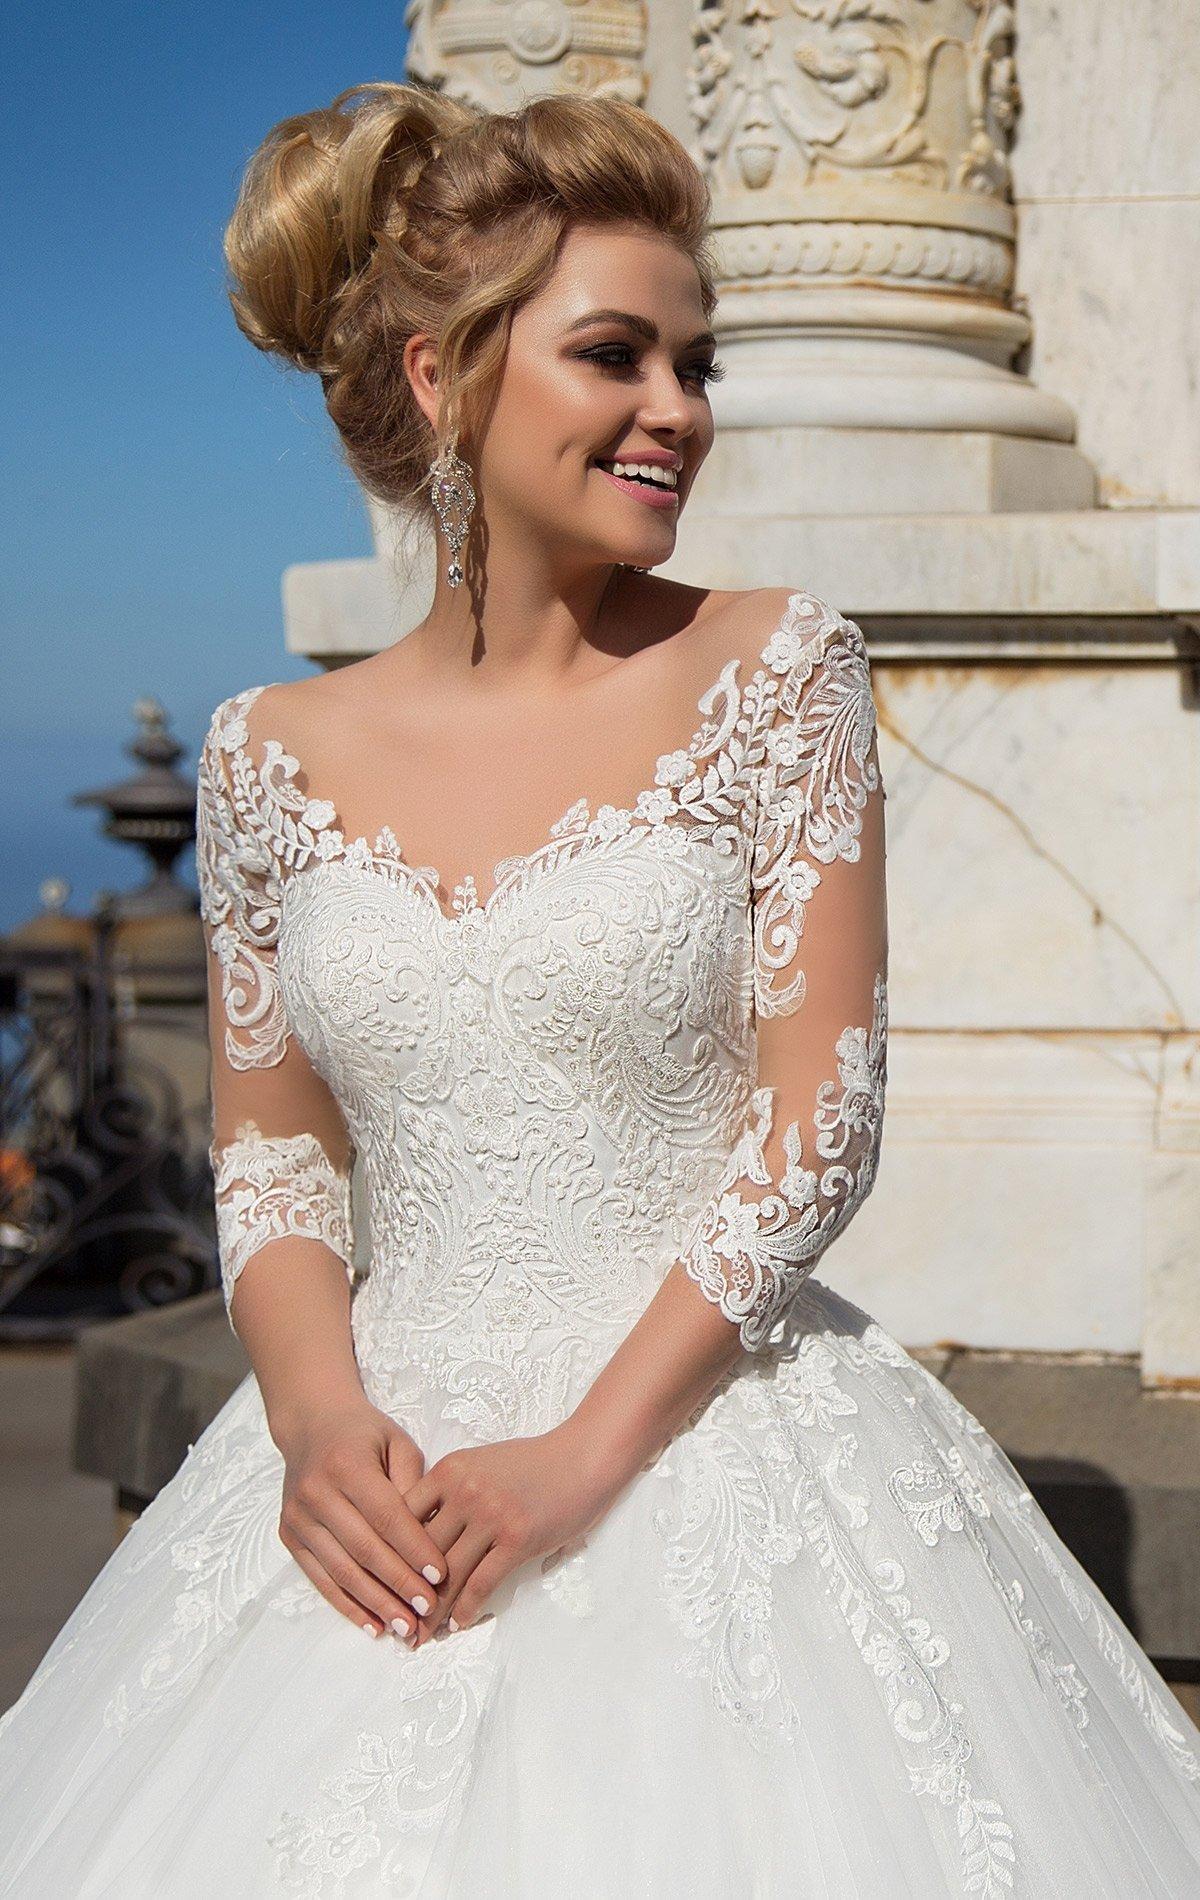 Сногсшибательное пышное свадебное платье с длинным прозрачным рукавом и элегантным вырезом.